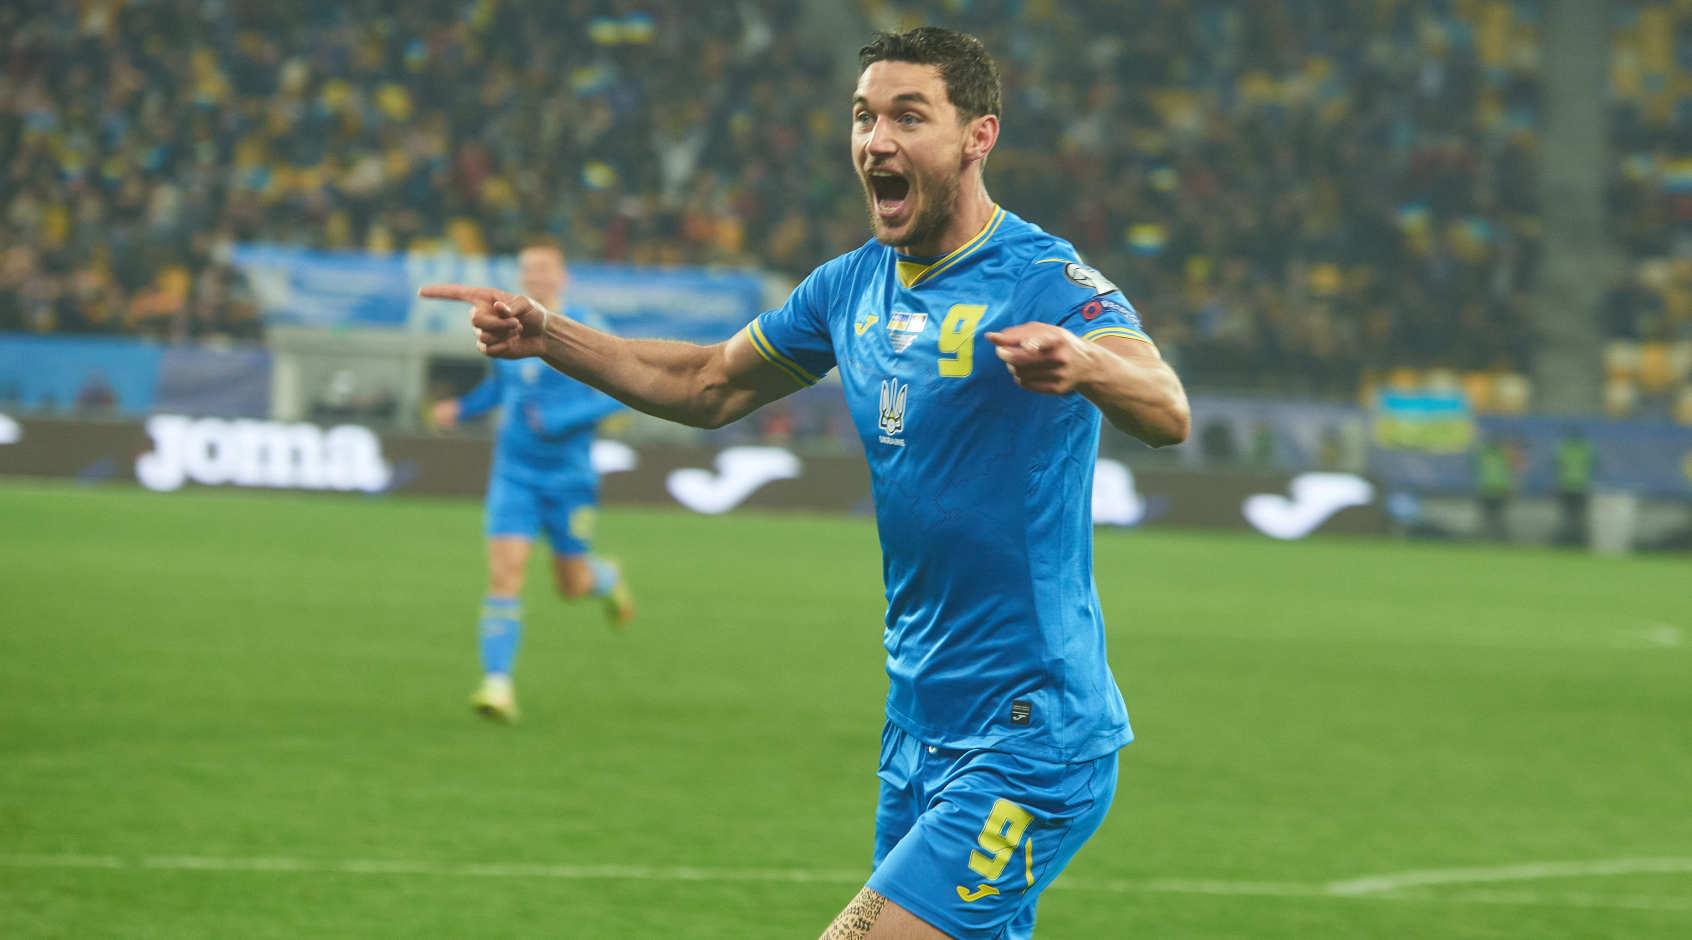 Украинский нападающий попал в команду недели FIFA 22